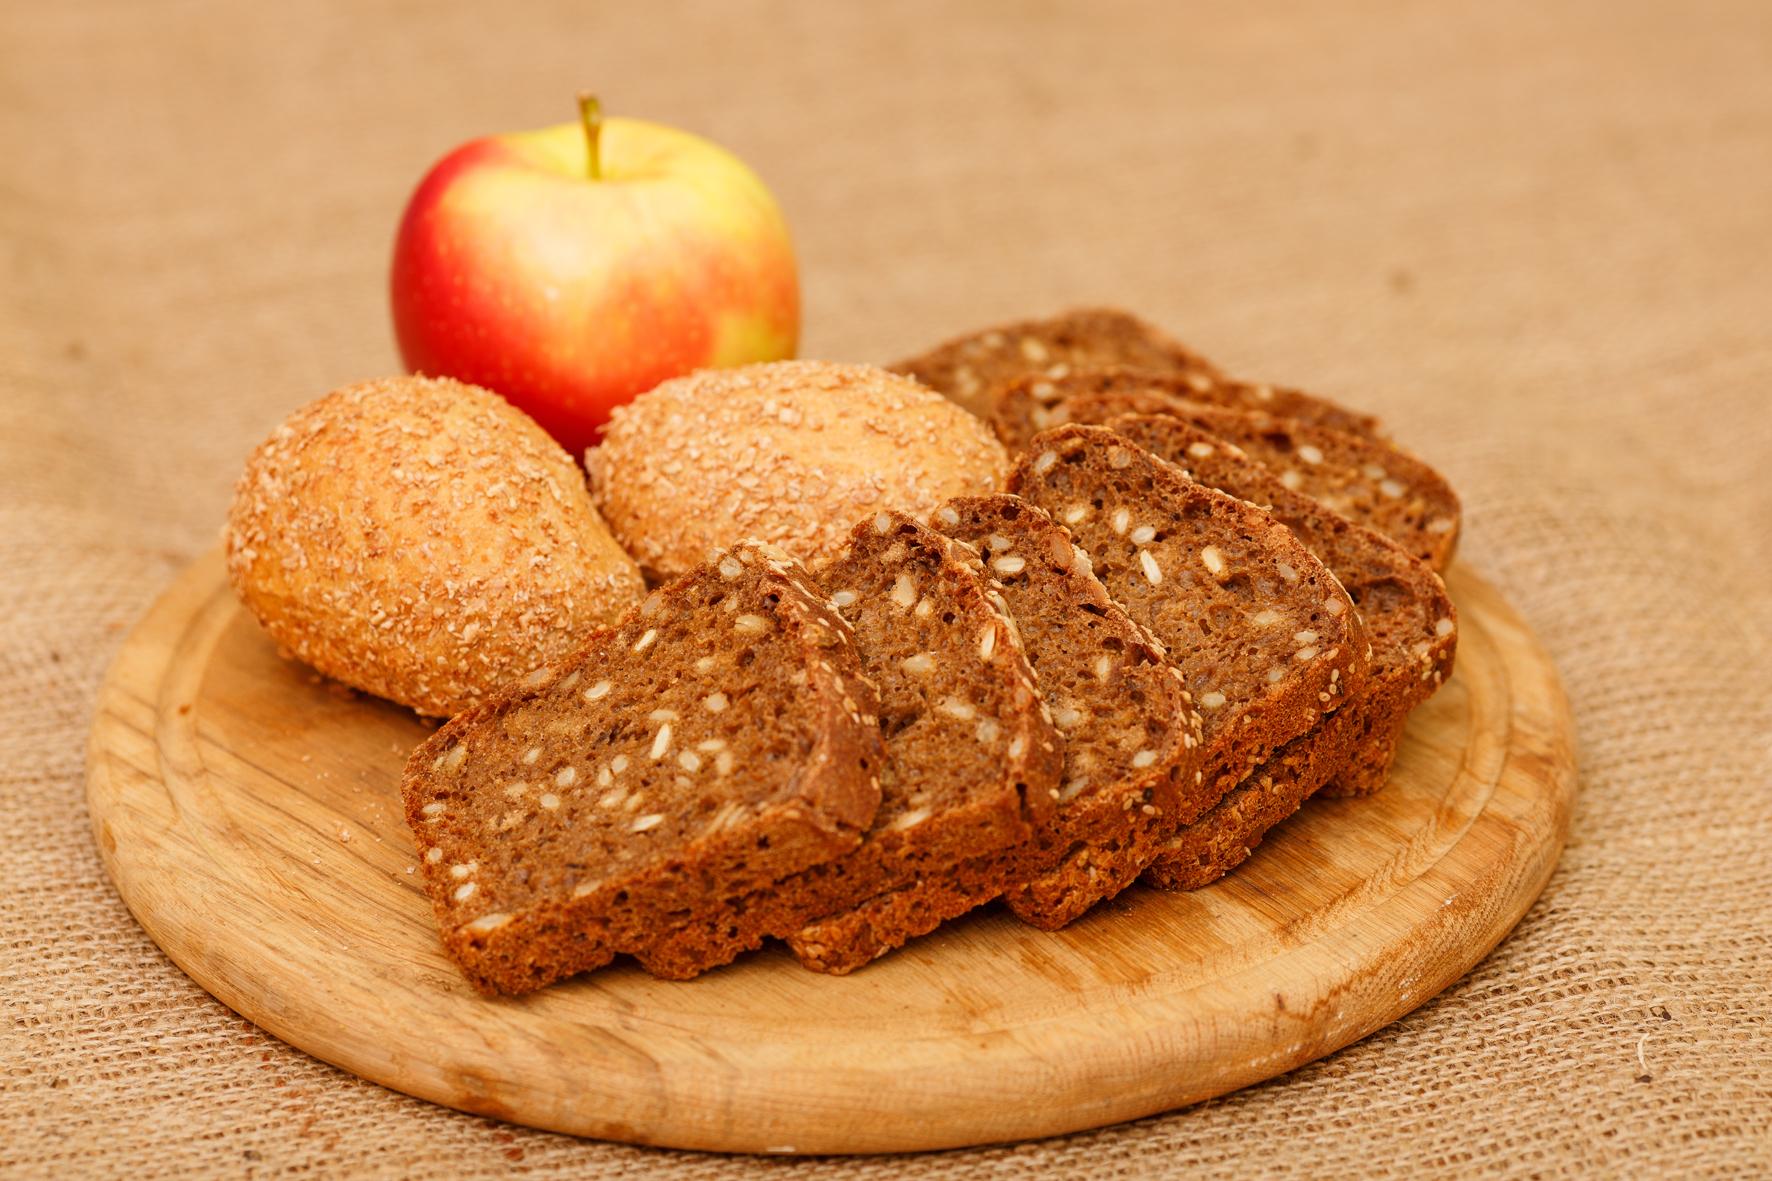 Chléb a pečivo vydrží déle čerstvé, když k němu vložíme do sáčku půlku jablka.